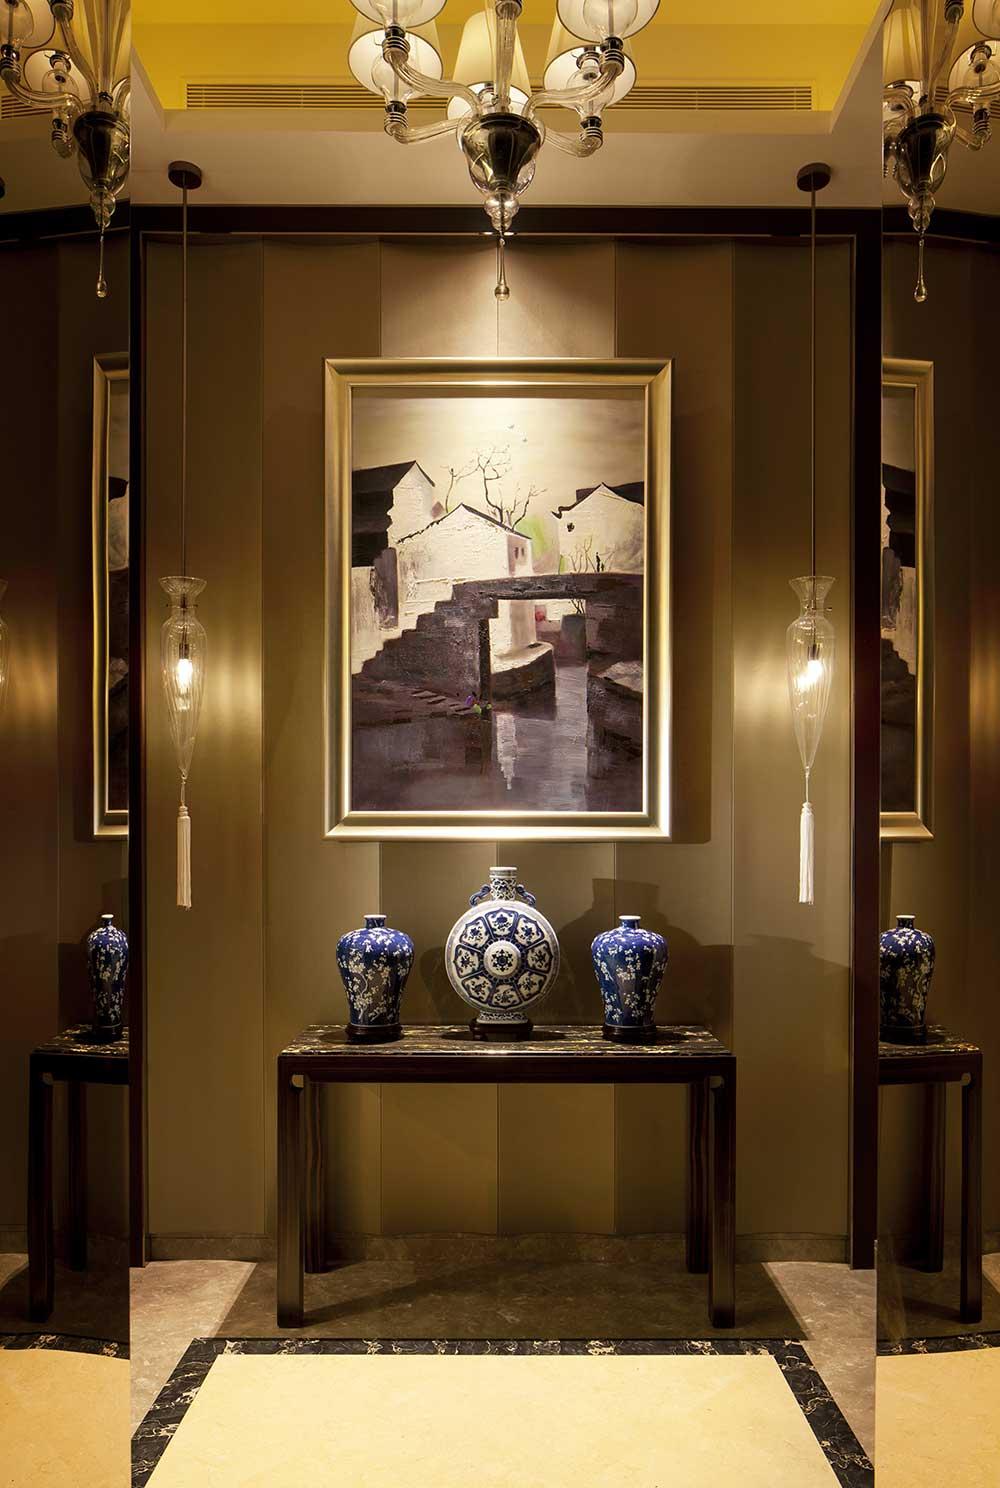 一幅乡村油画为整个玄关增添了不少色彩,装饰柜摆放着复古的瓷器,雅致时尚。